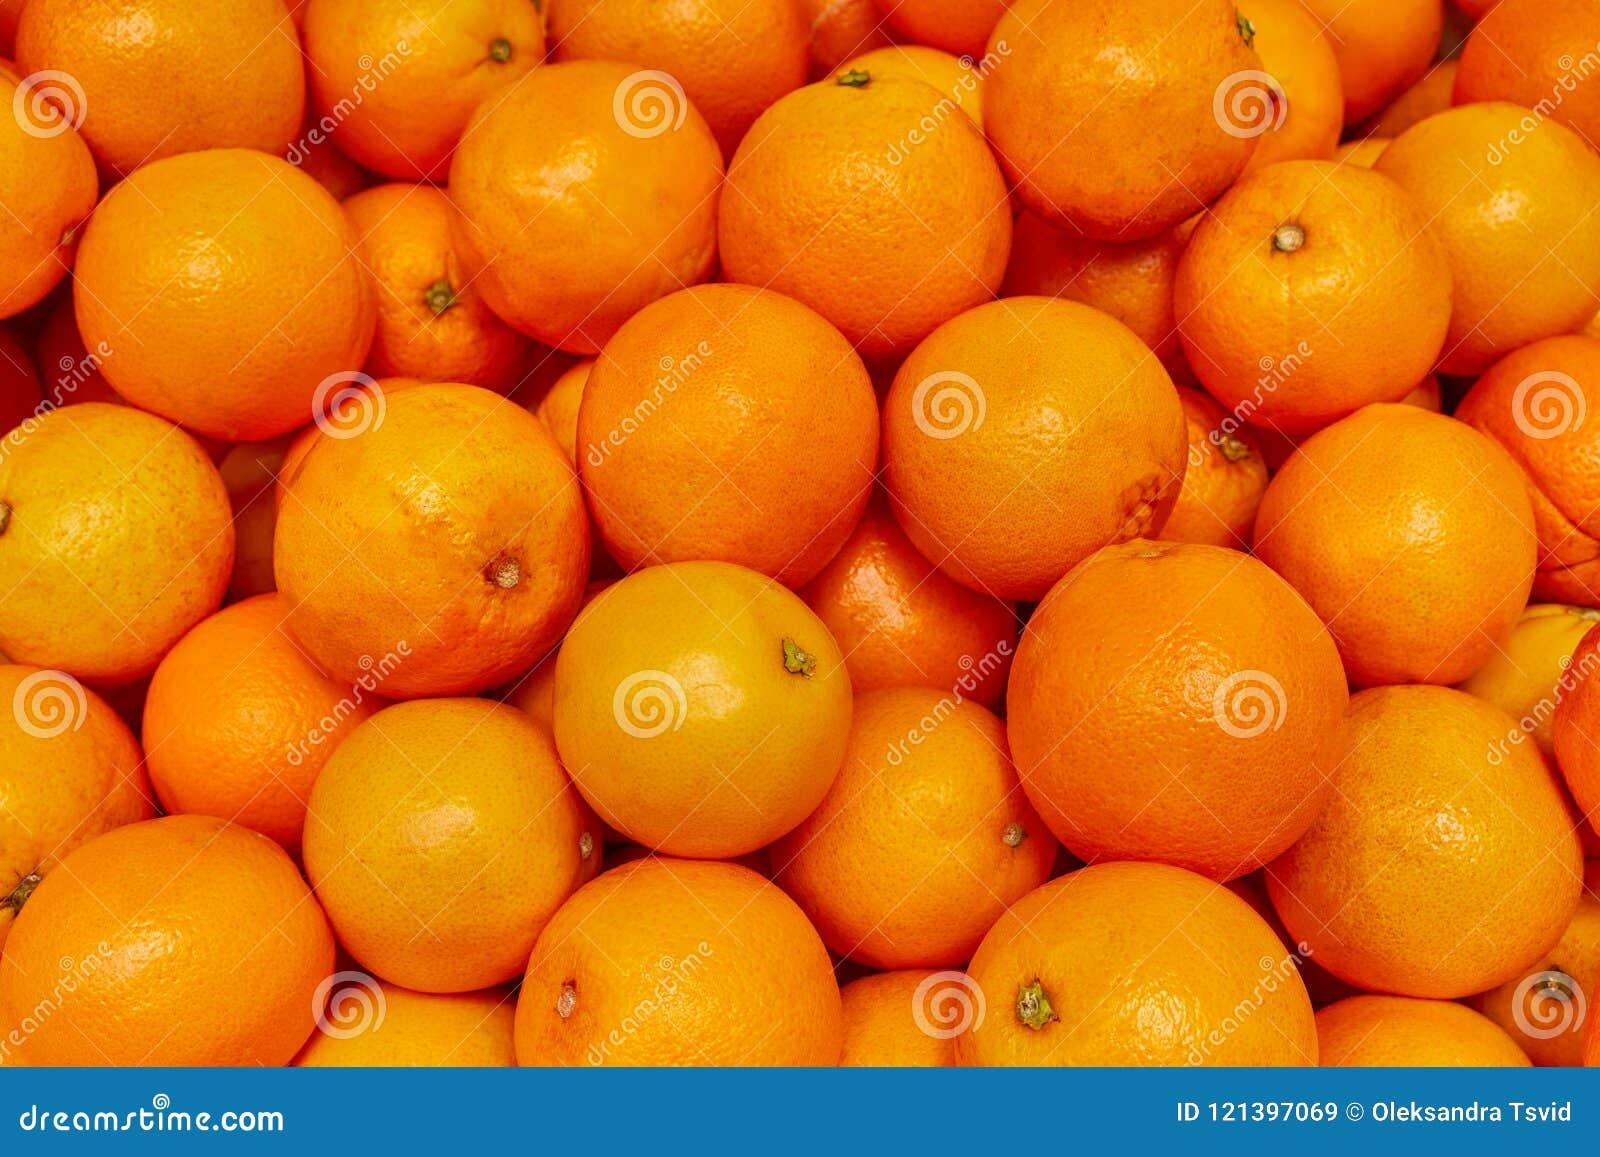 Оранжевая предпосылка, оранжевая продукция на рынке